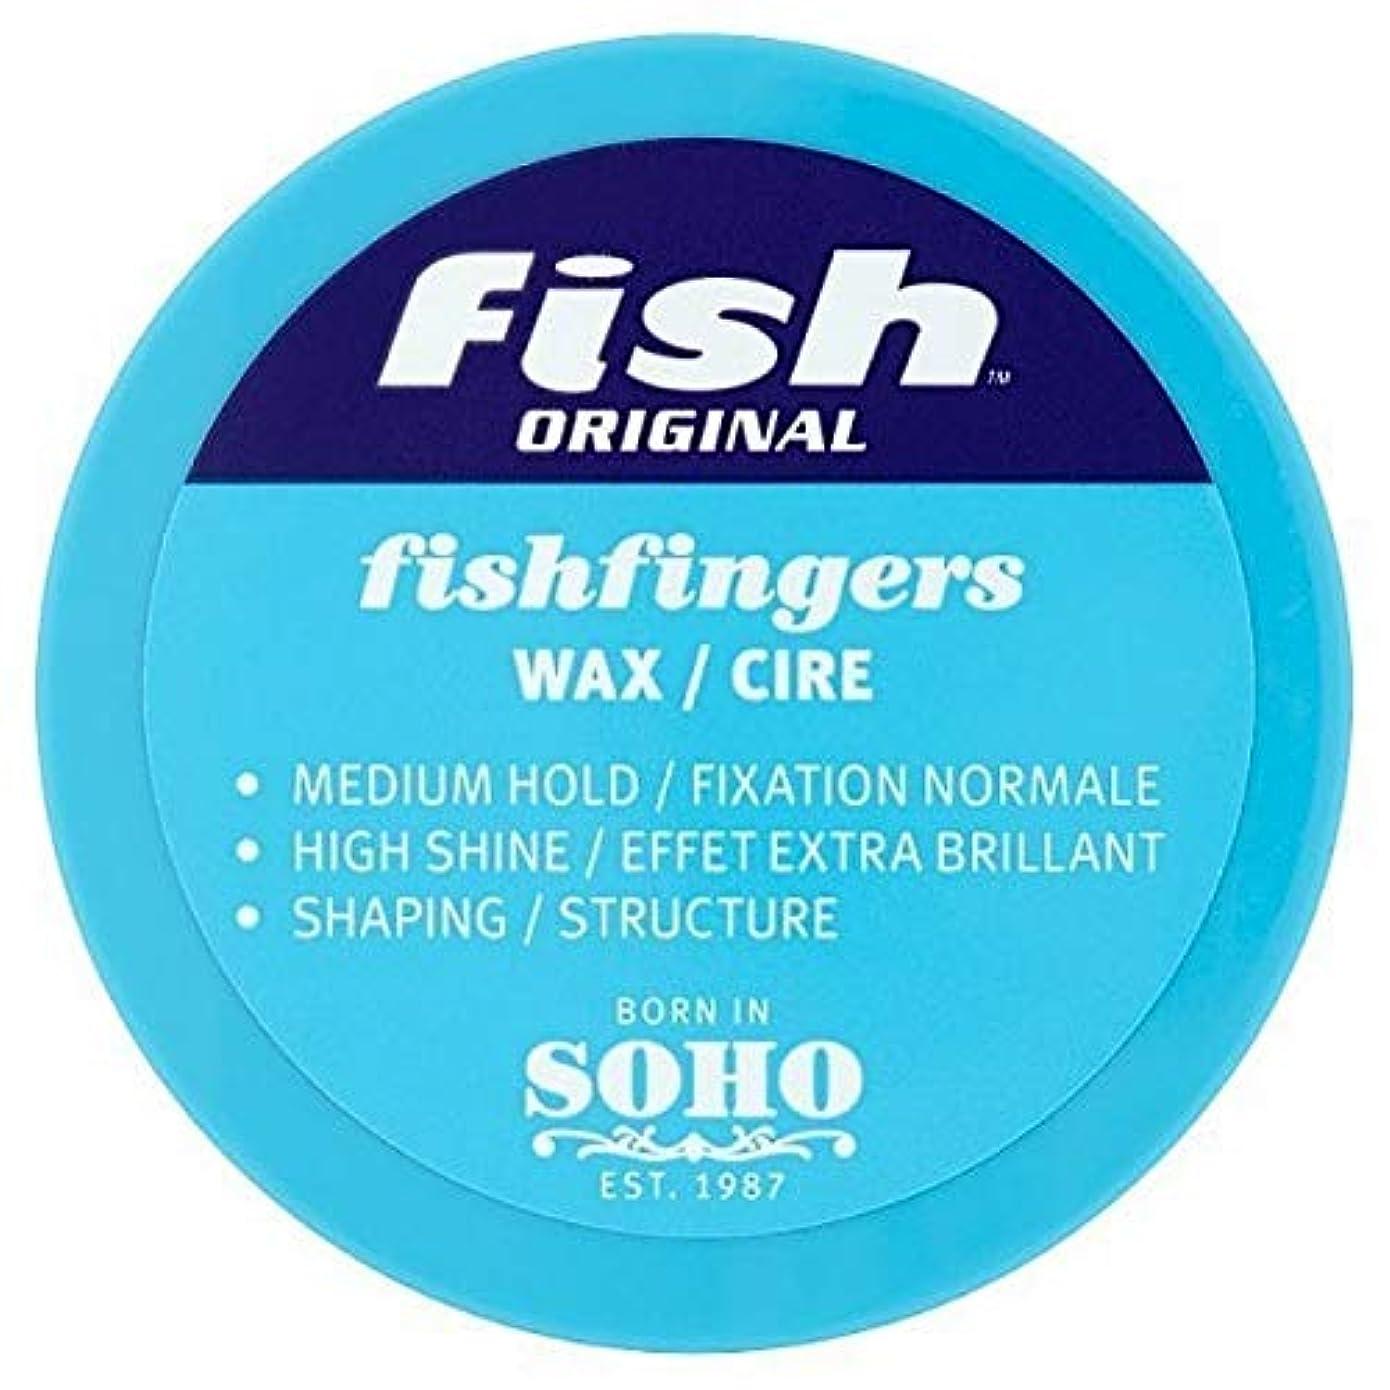 つらいマイルストーン療法[Fish Soho] ワックス100ミリリットルを定義する魚本来のFishfingers形状 - Fish Original Fishfingers Shape Defining Wax 100ml [並行輸入品]